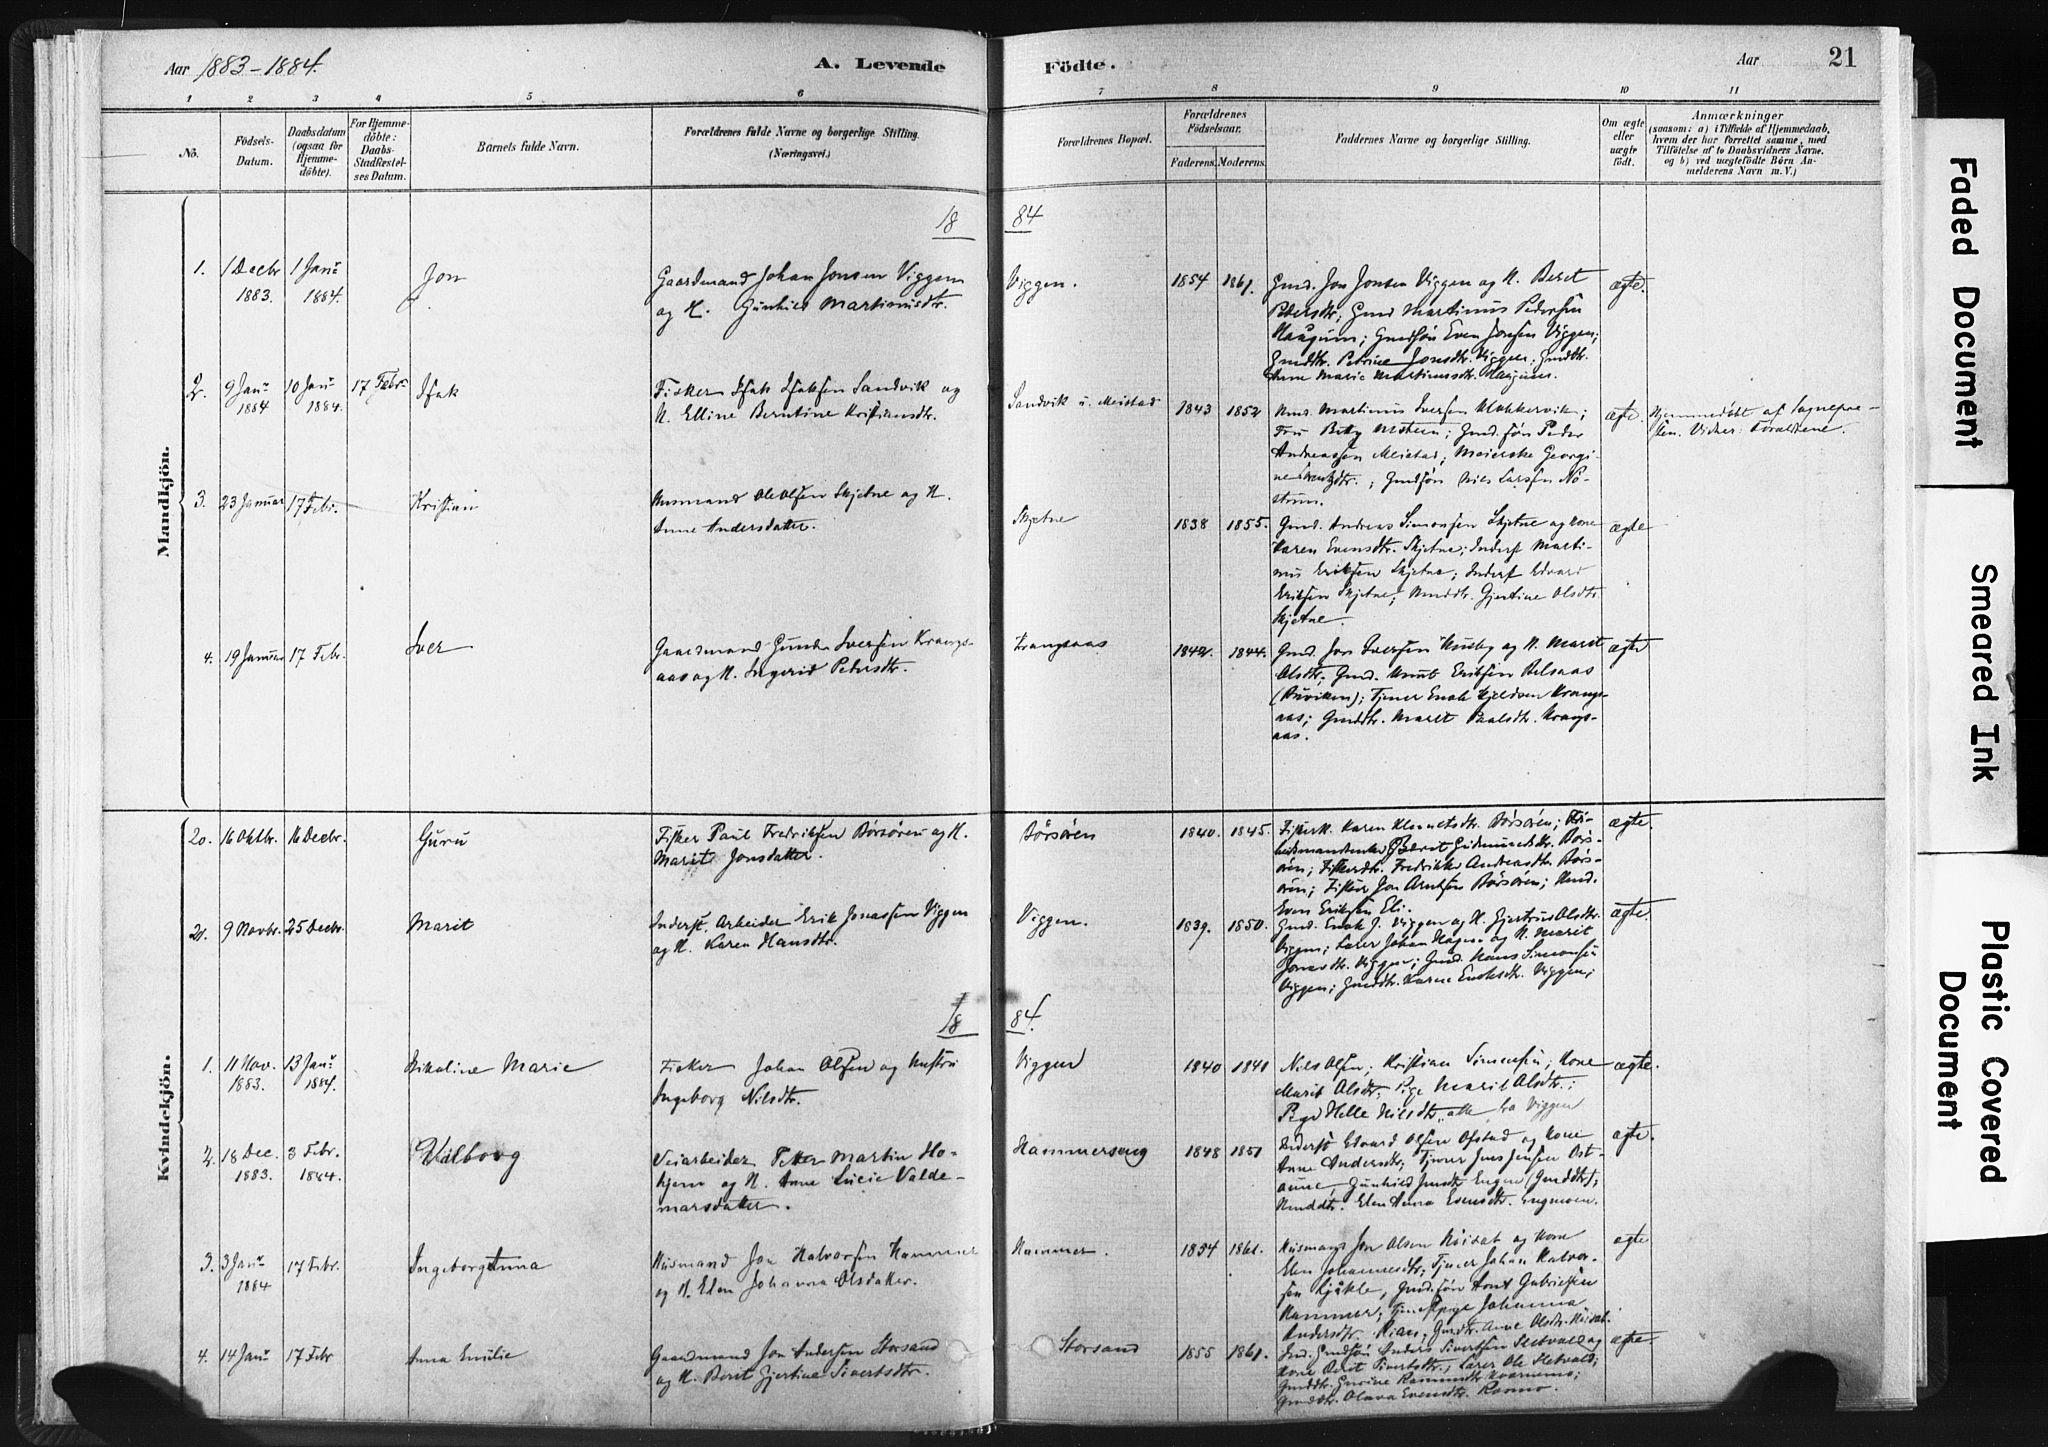 SAT, Ministerialprotokoller, klokkerbøker og fødselsregistre - Sør-Trøndelag, 665/L0773: Ministerialbok nr. 665A08, 1879-1905, s. 21